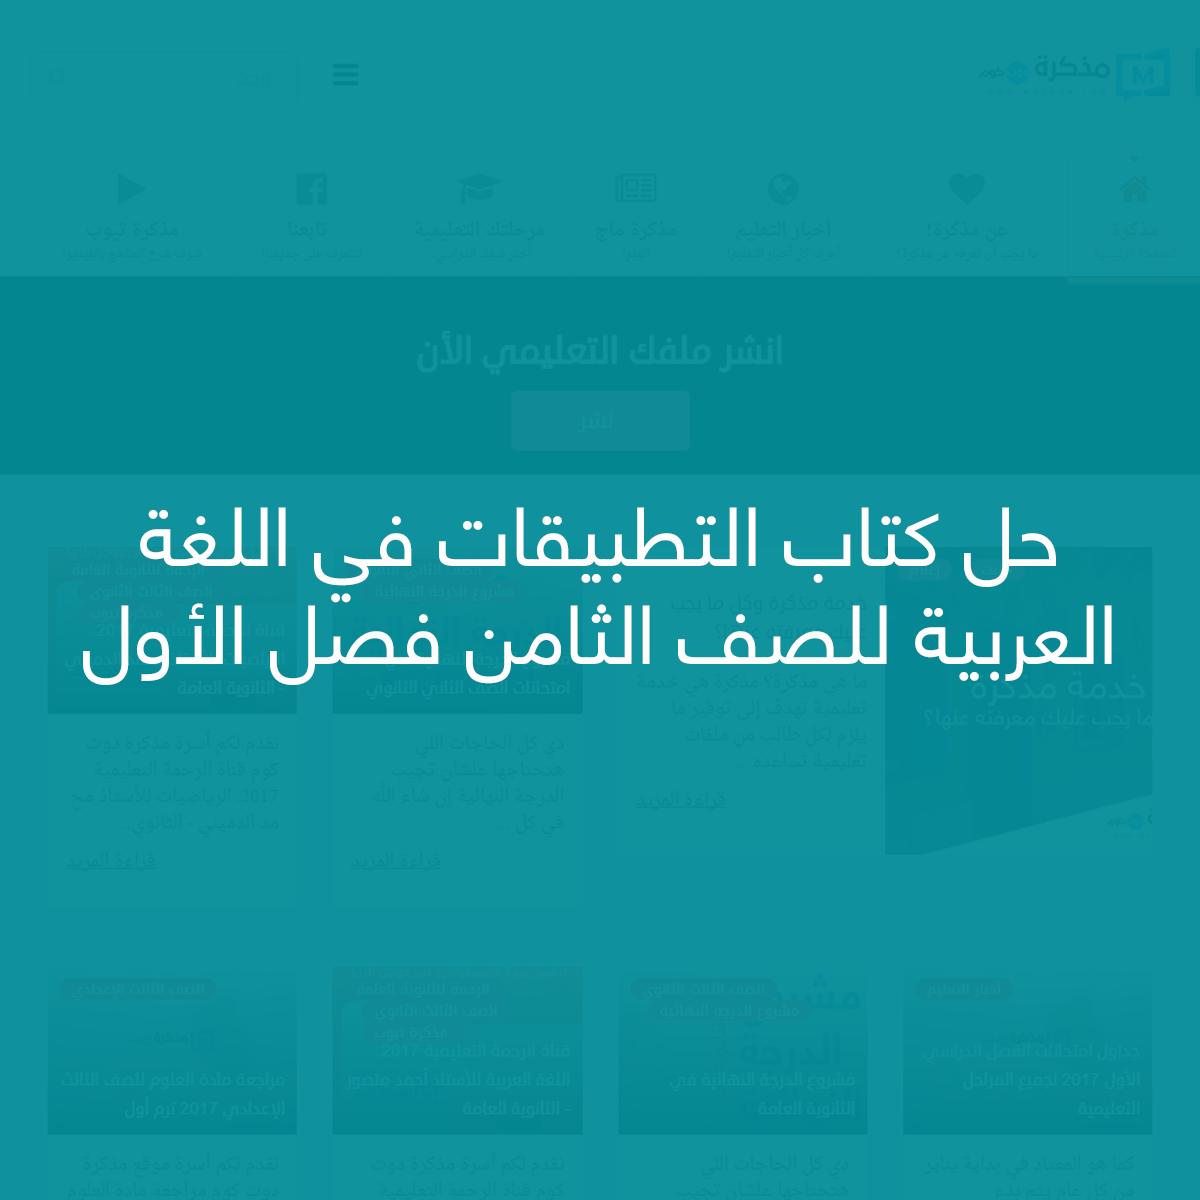 حل كتاب التطبيقات في اللغة العربية للصف الثامن فصل الأول